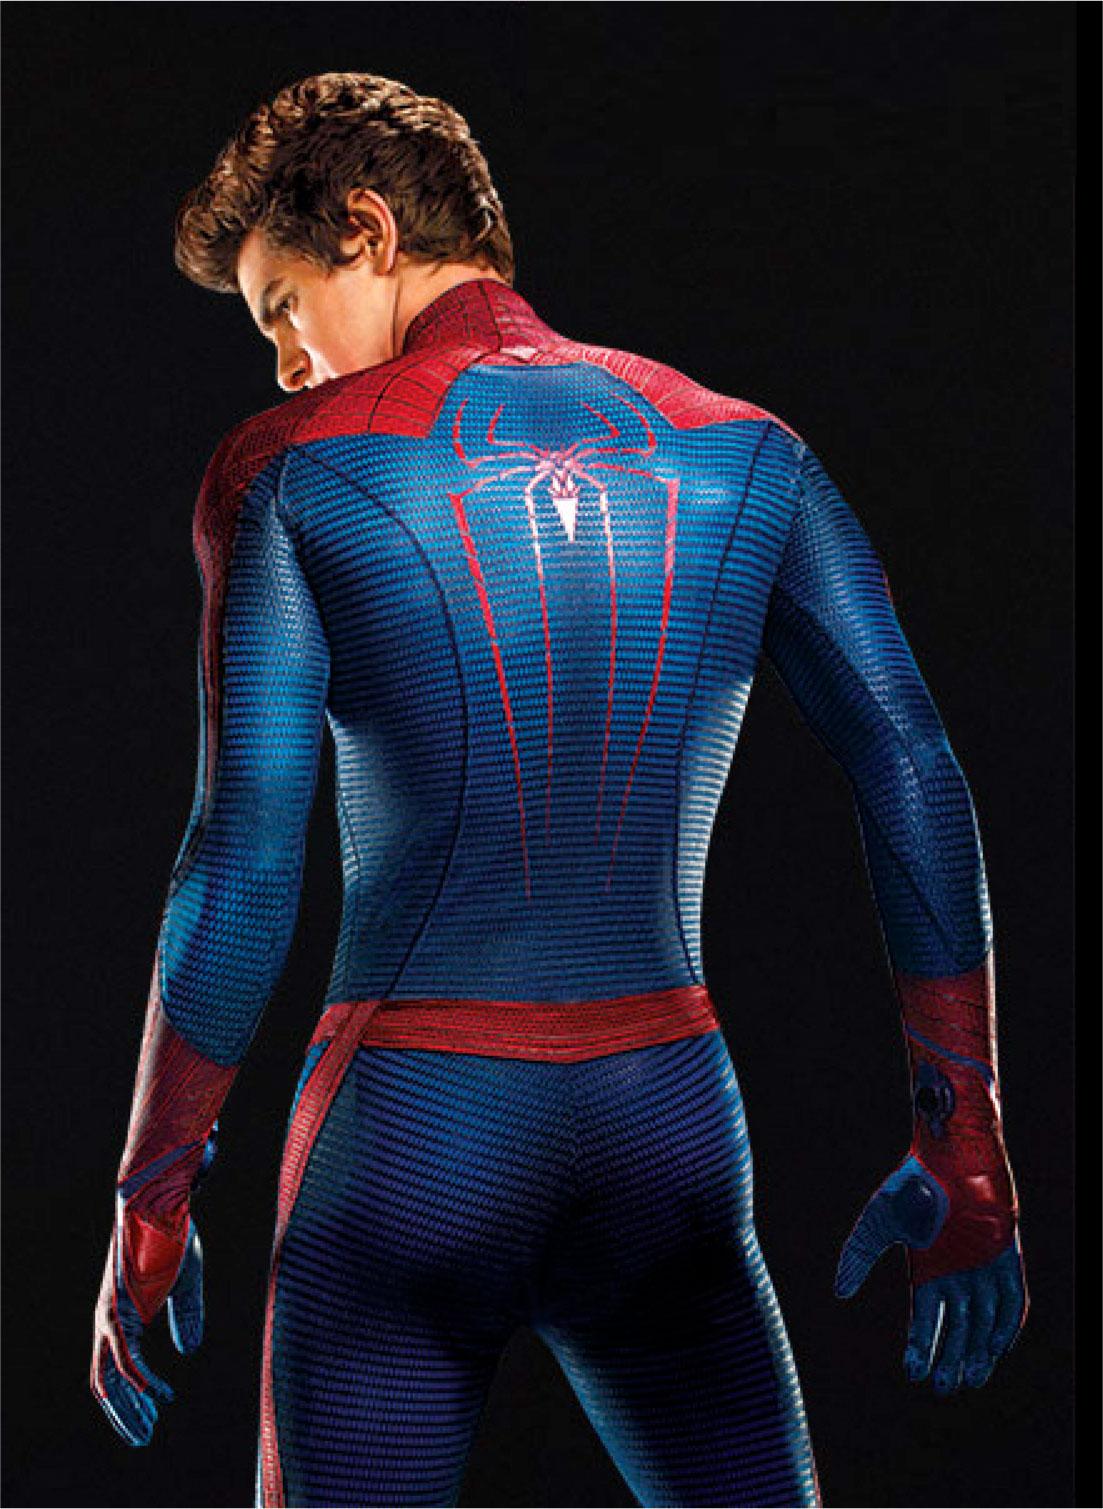 SeamusDuff: Andrew Garfield: The Amazing Naked Spider-Man